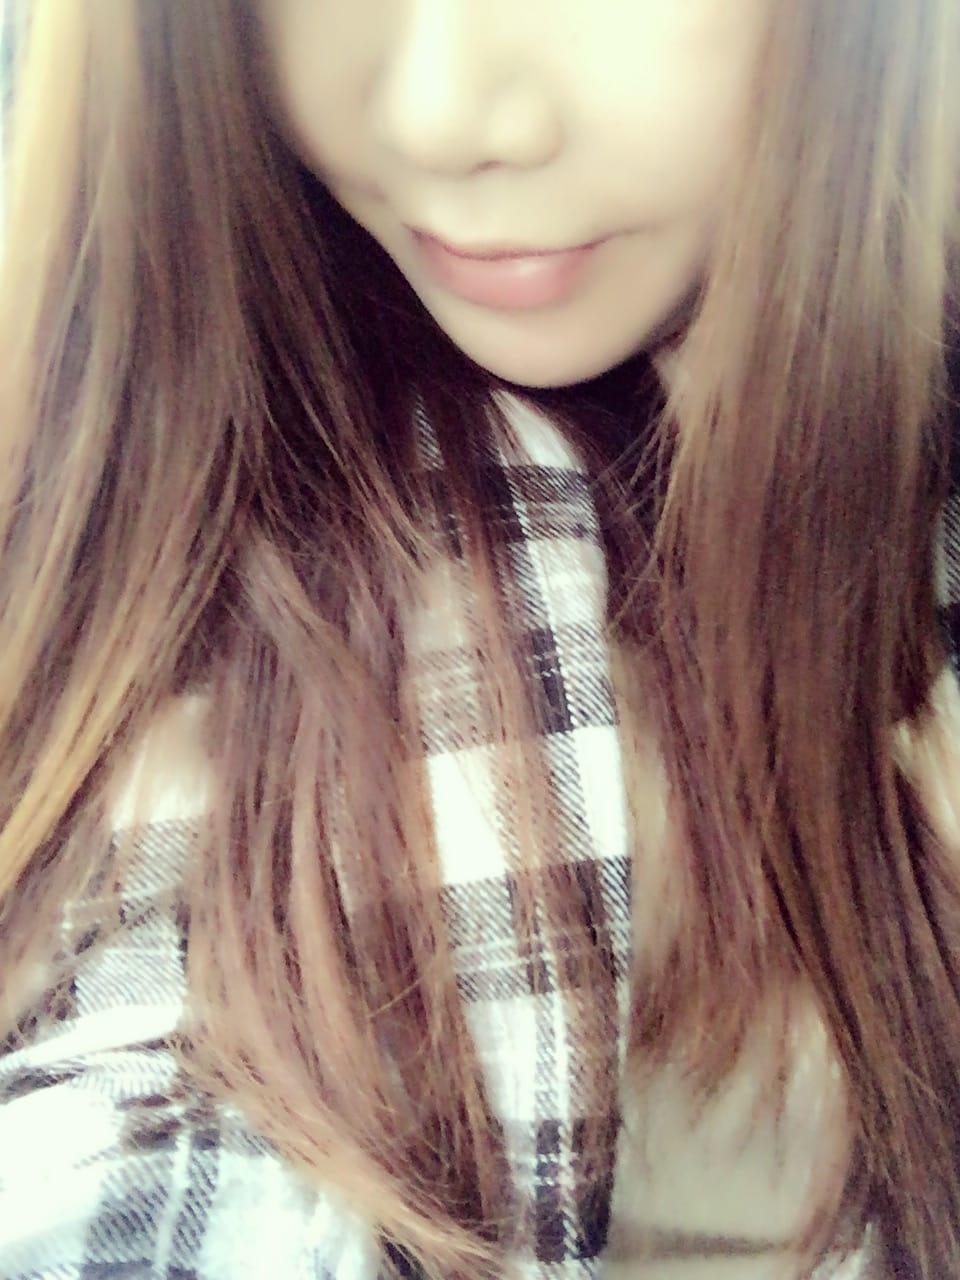 「さむさむ」01/23(火) 07:06   玲衣の写メ・風俗動画